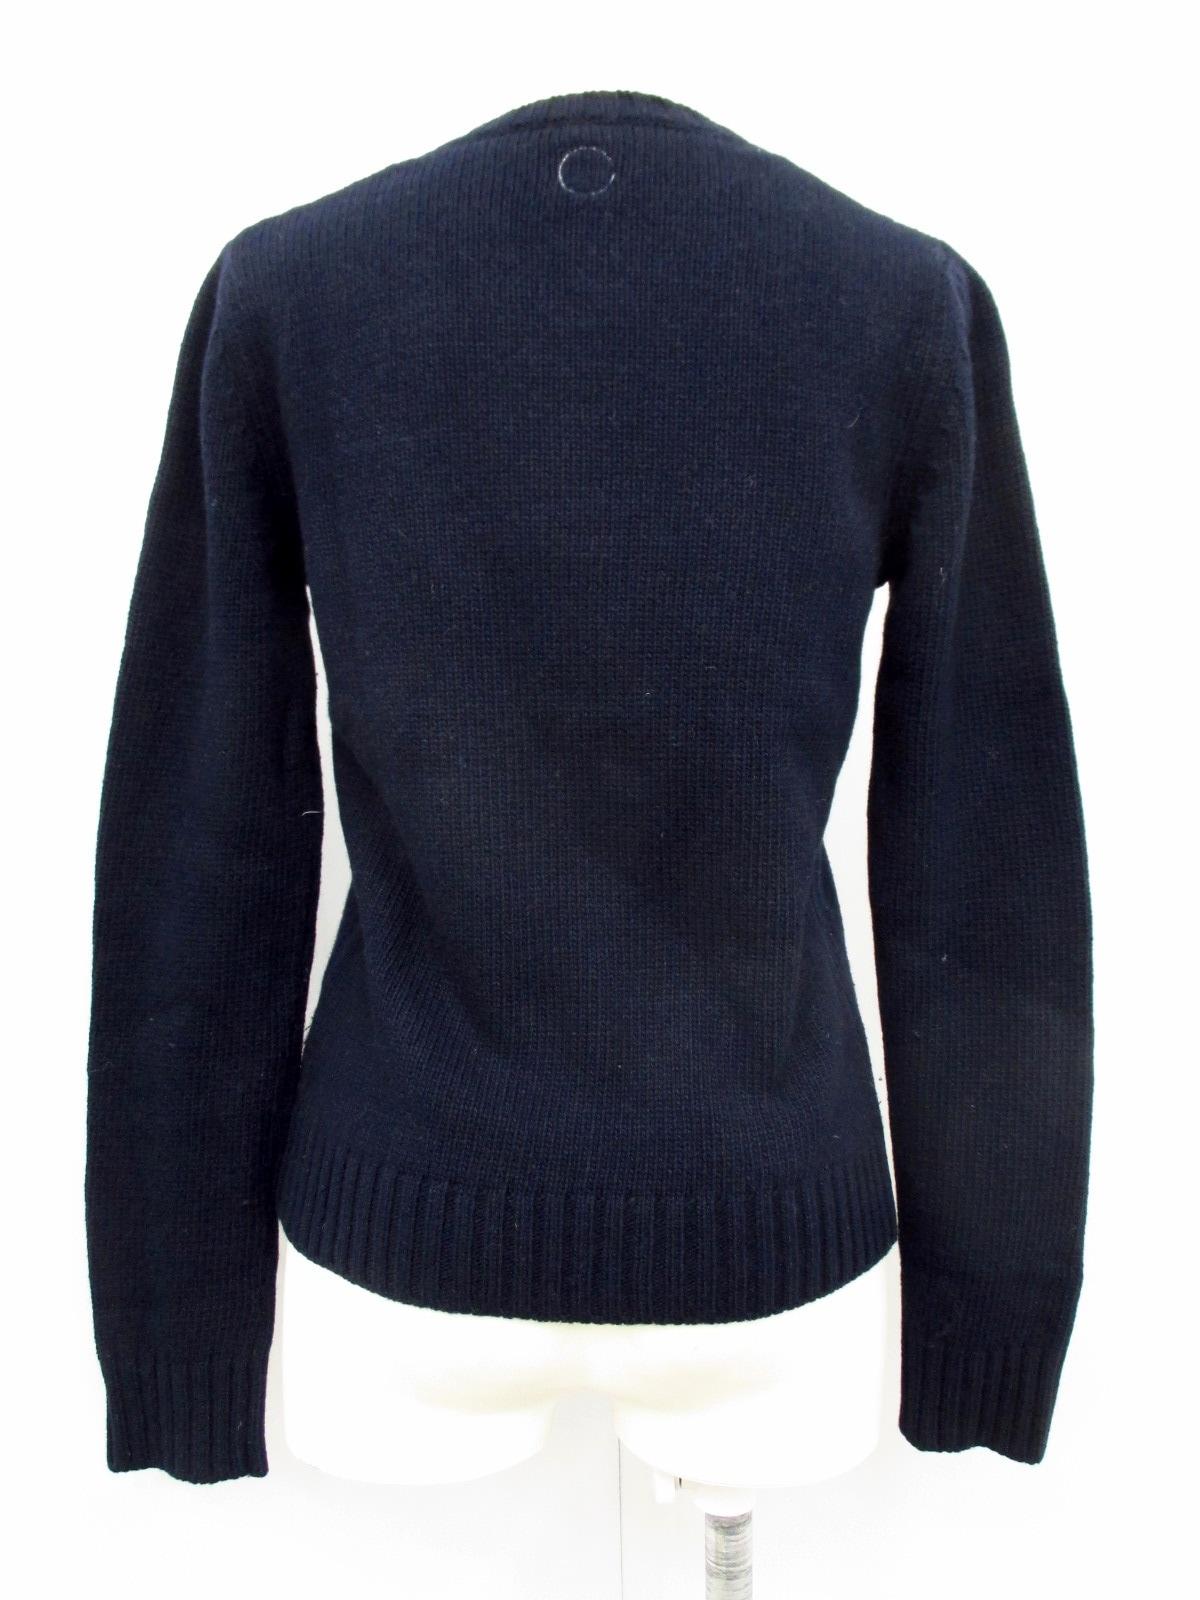 COMING SOON(カミングスーン)のセーター